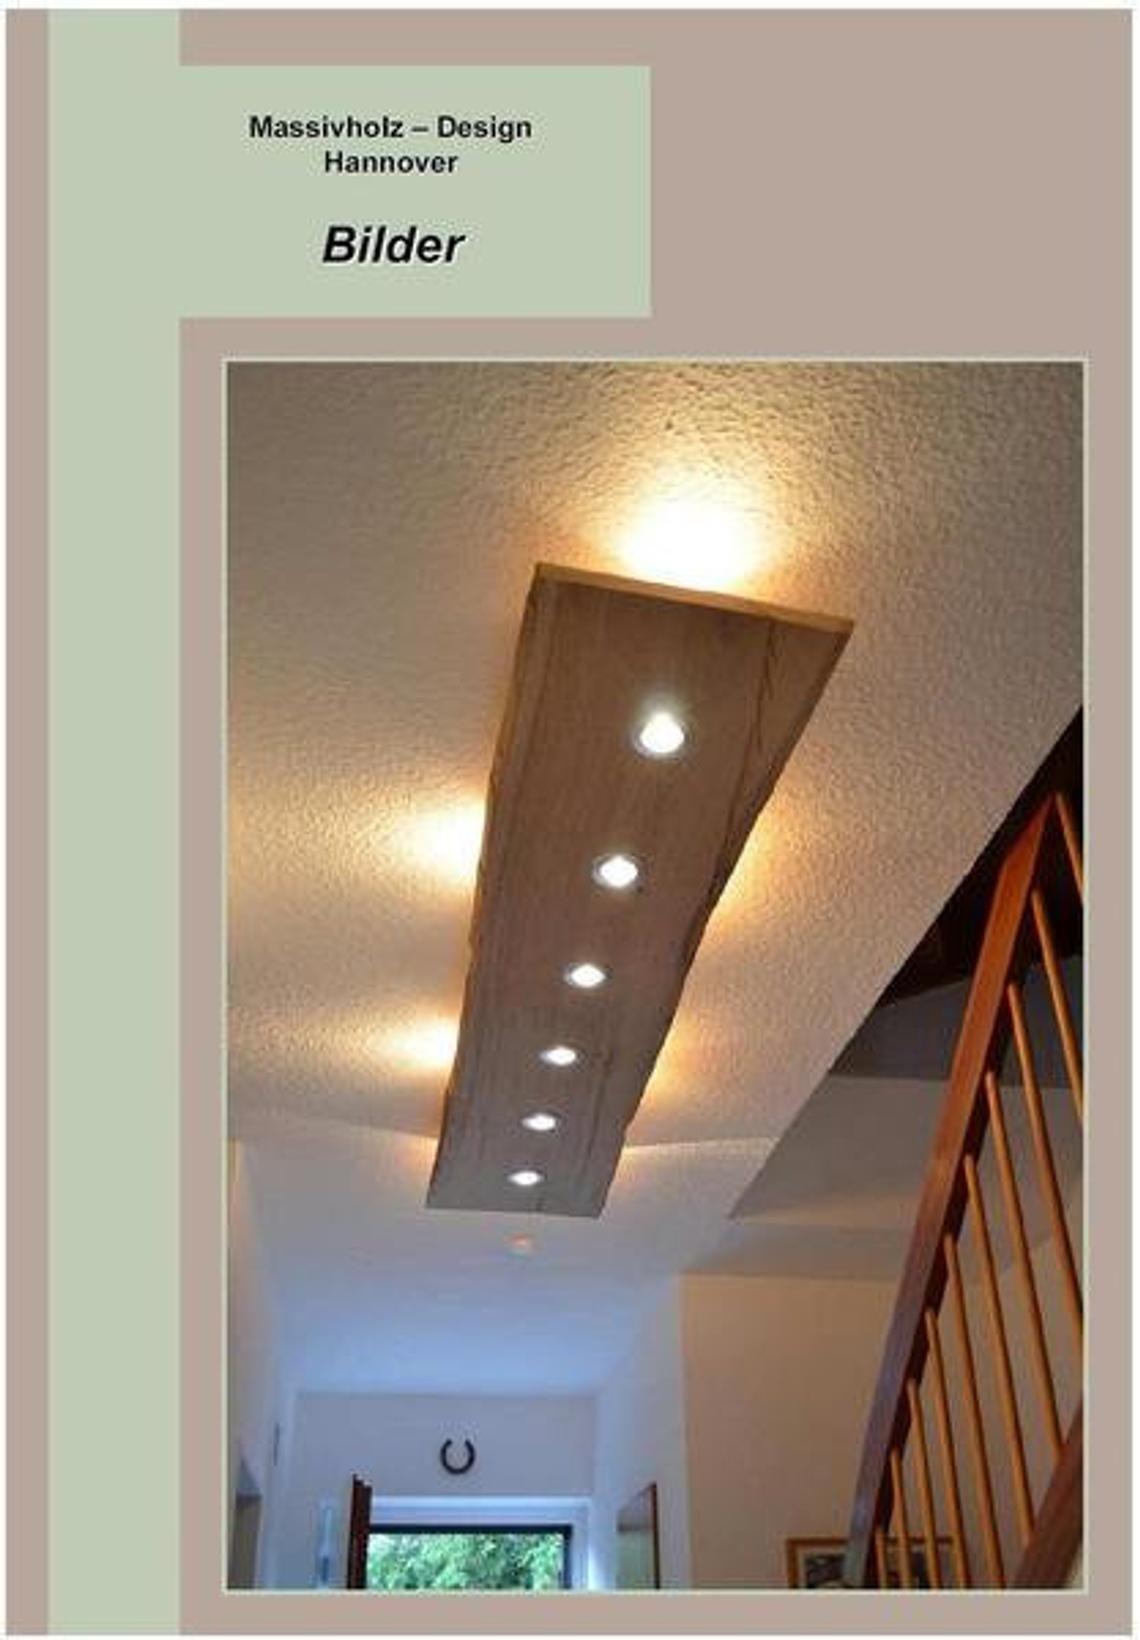 Full Size of Deckenlampen Wohnzimmer Ebay Deckenlampe Led Dimmbar Ikea Kleinanzeigen Obi Test Rustikal Kamin Teppiche Landhausstil Fototapeten Tapete Stehlampe Wohnzimmer Deckenlampen Wohnzimmer